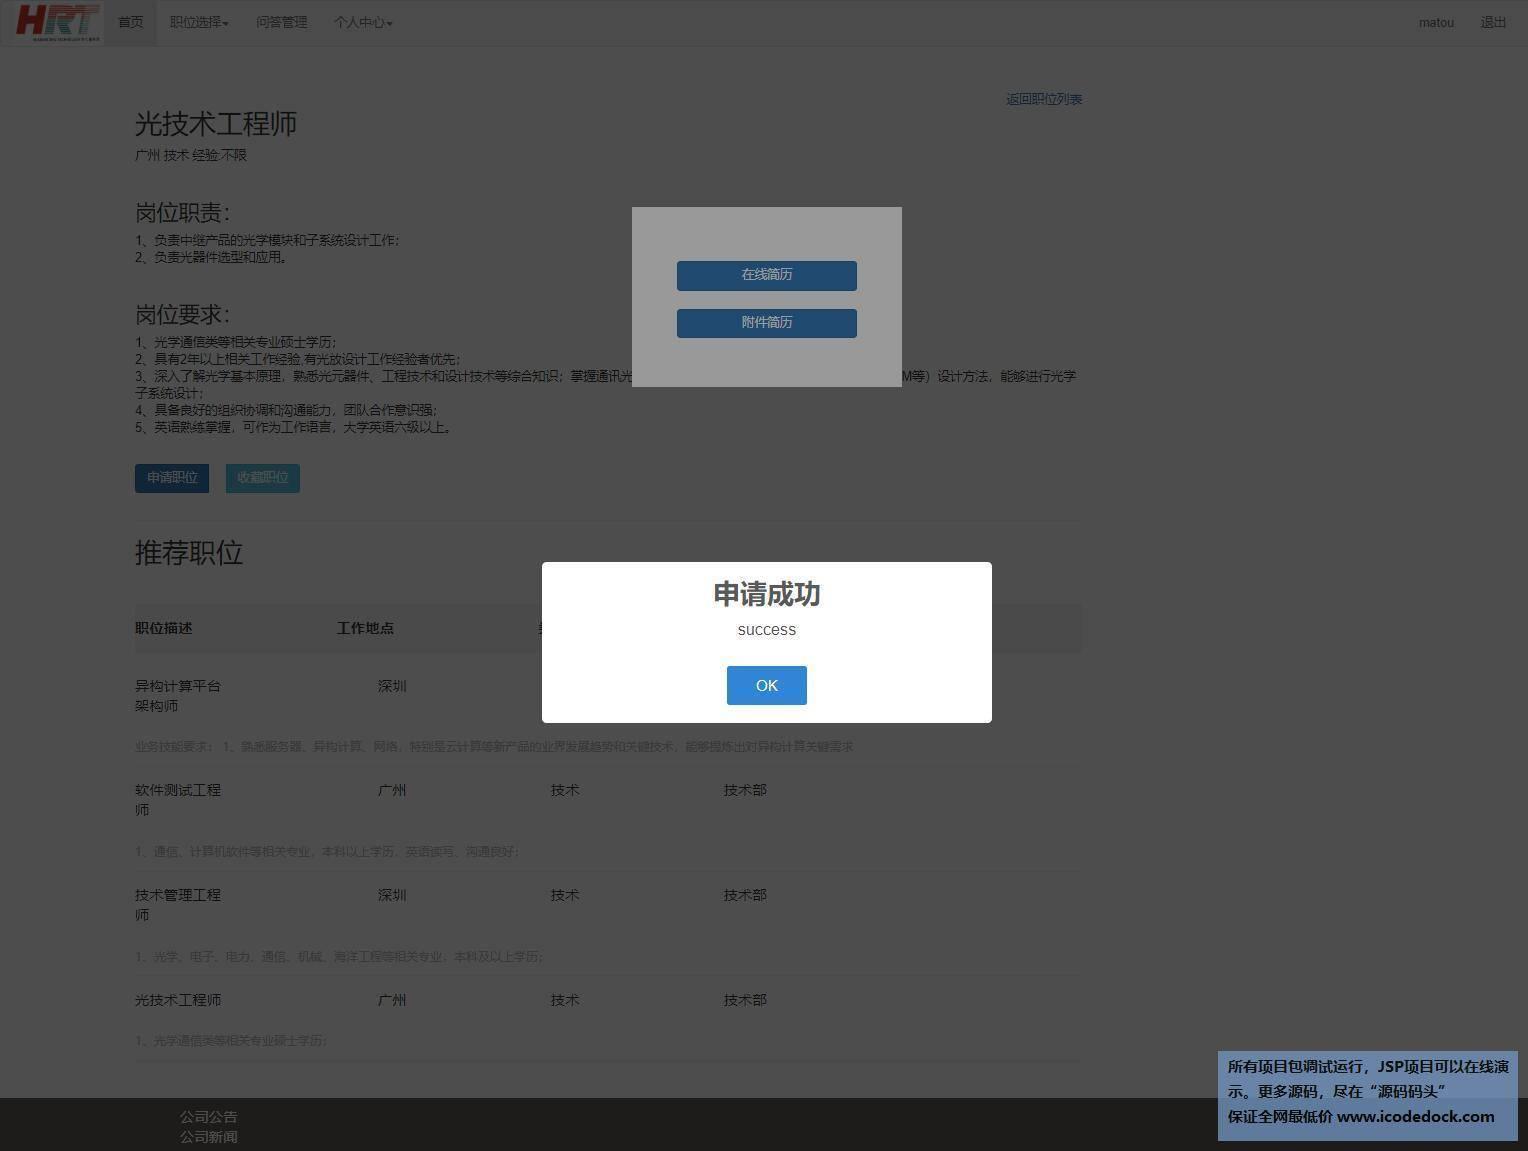 源码码头-SpringBoot招聘网站项目-用户角色-投递简历